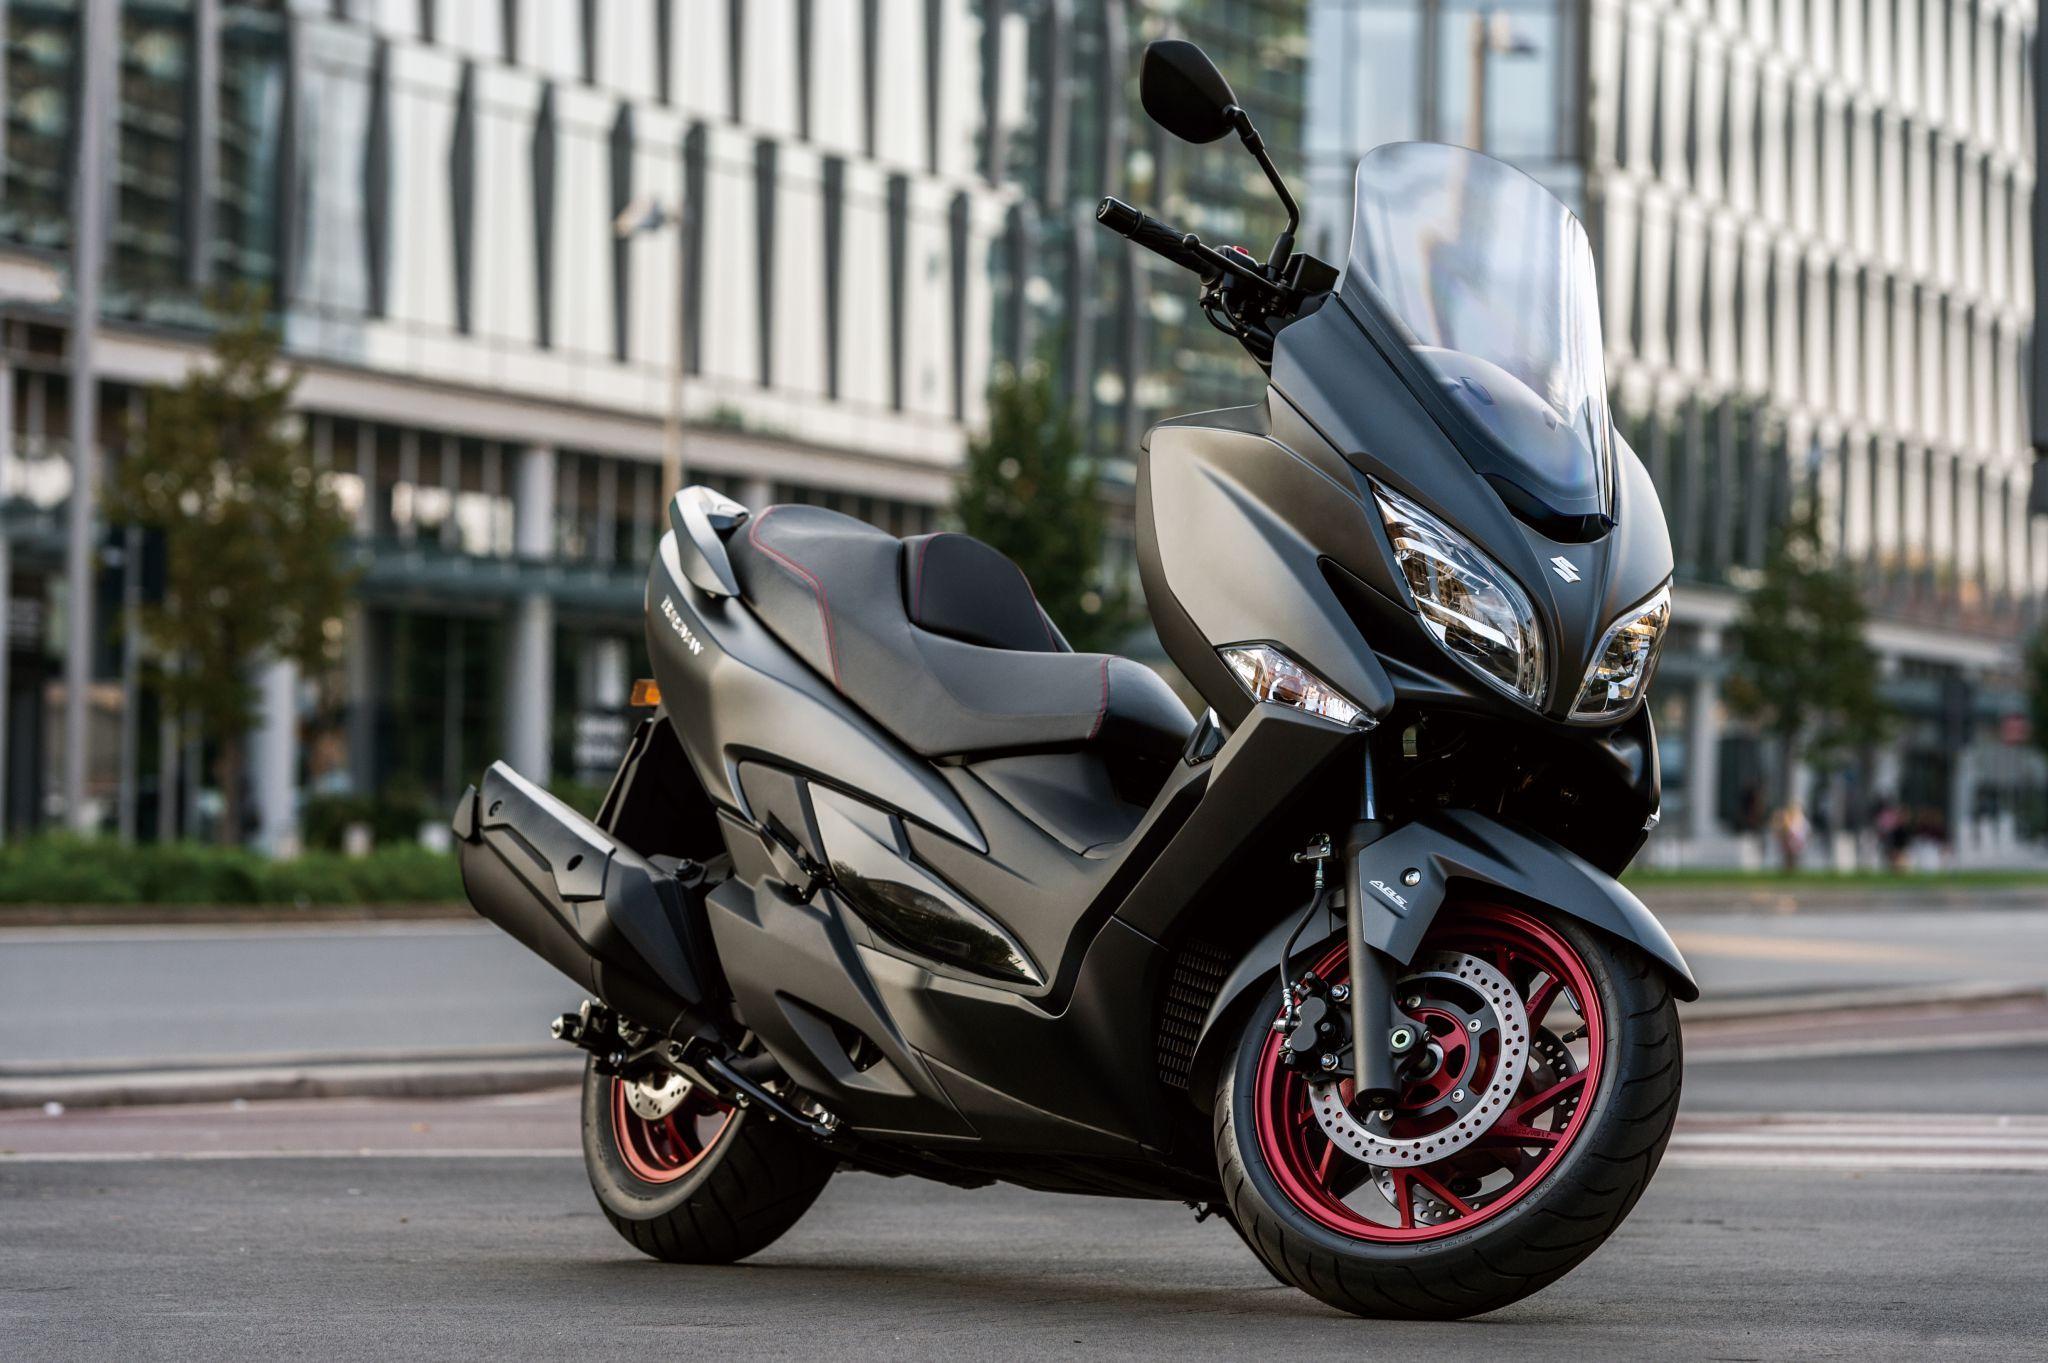 NL prijzen bekend voor nieuwe Suzuki Burgman 400a